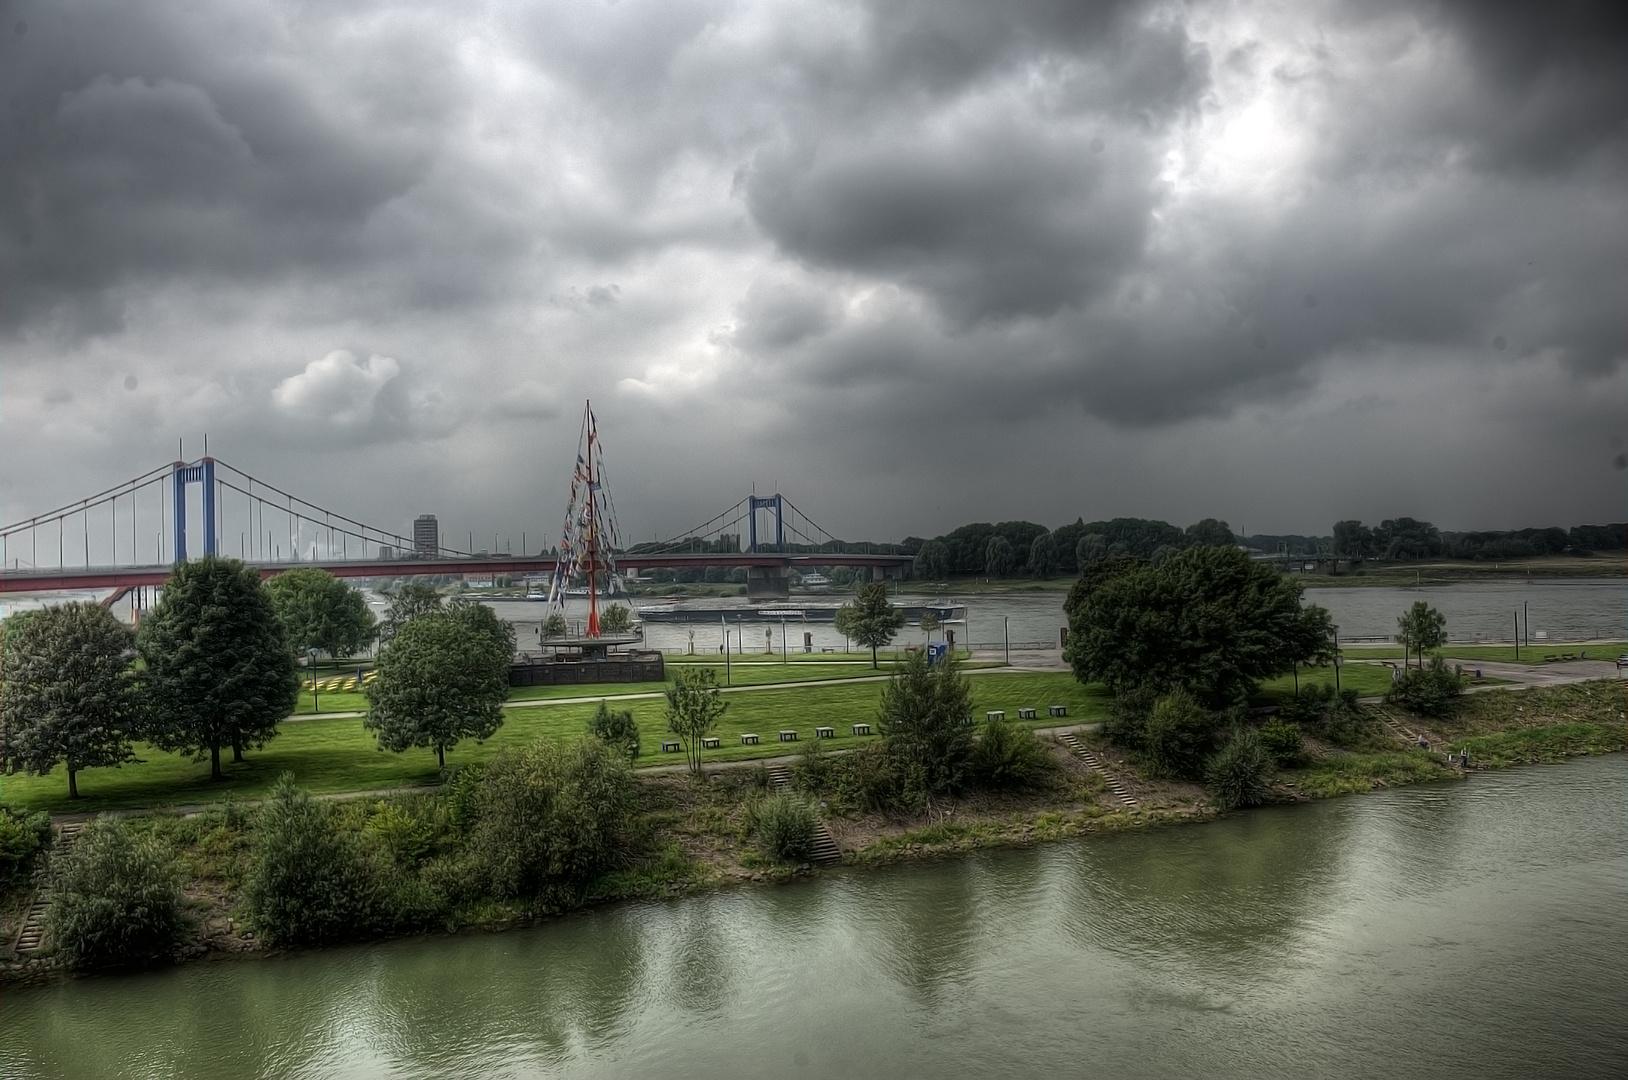 Heutiger Blick über den Rhein in Duisburg